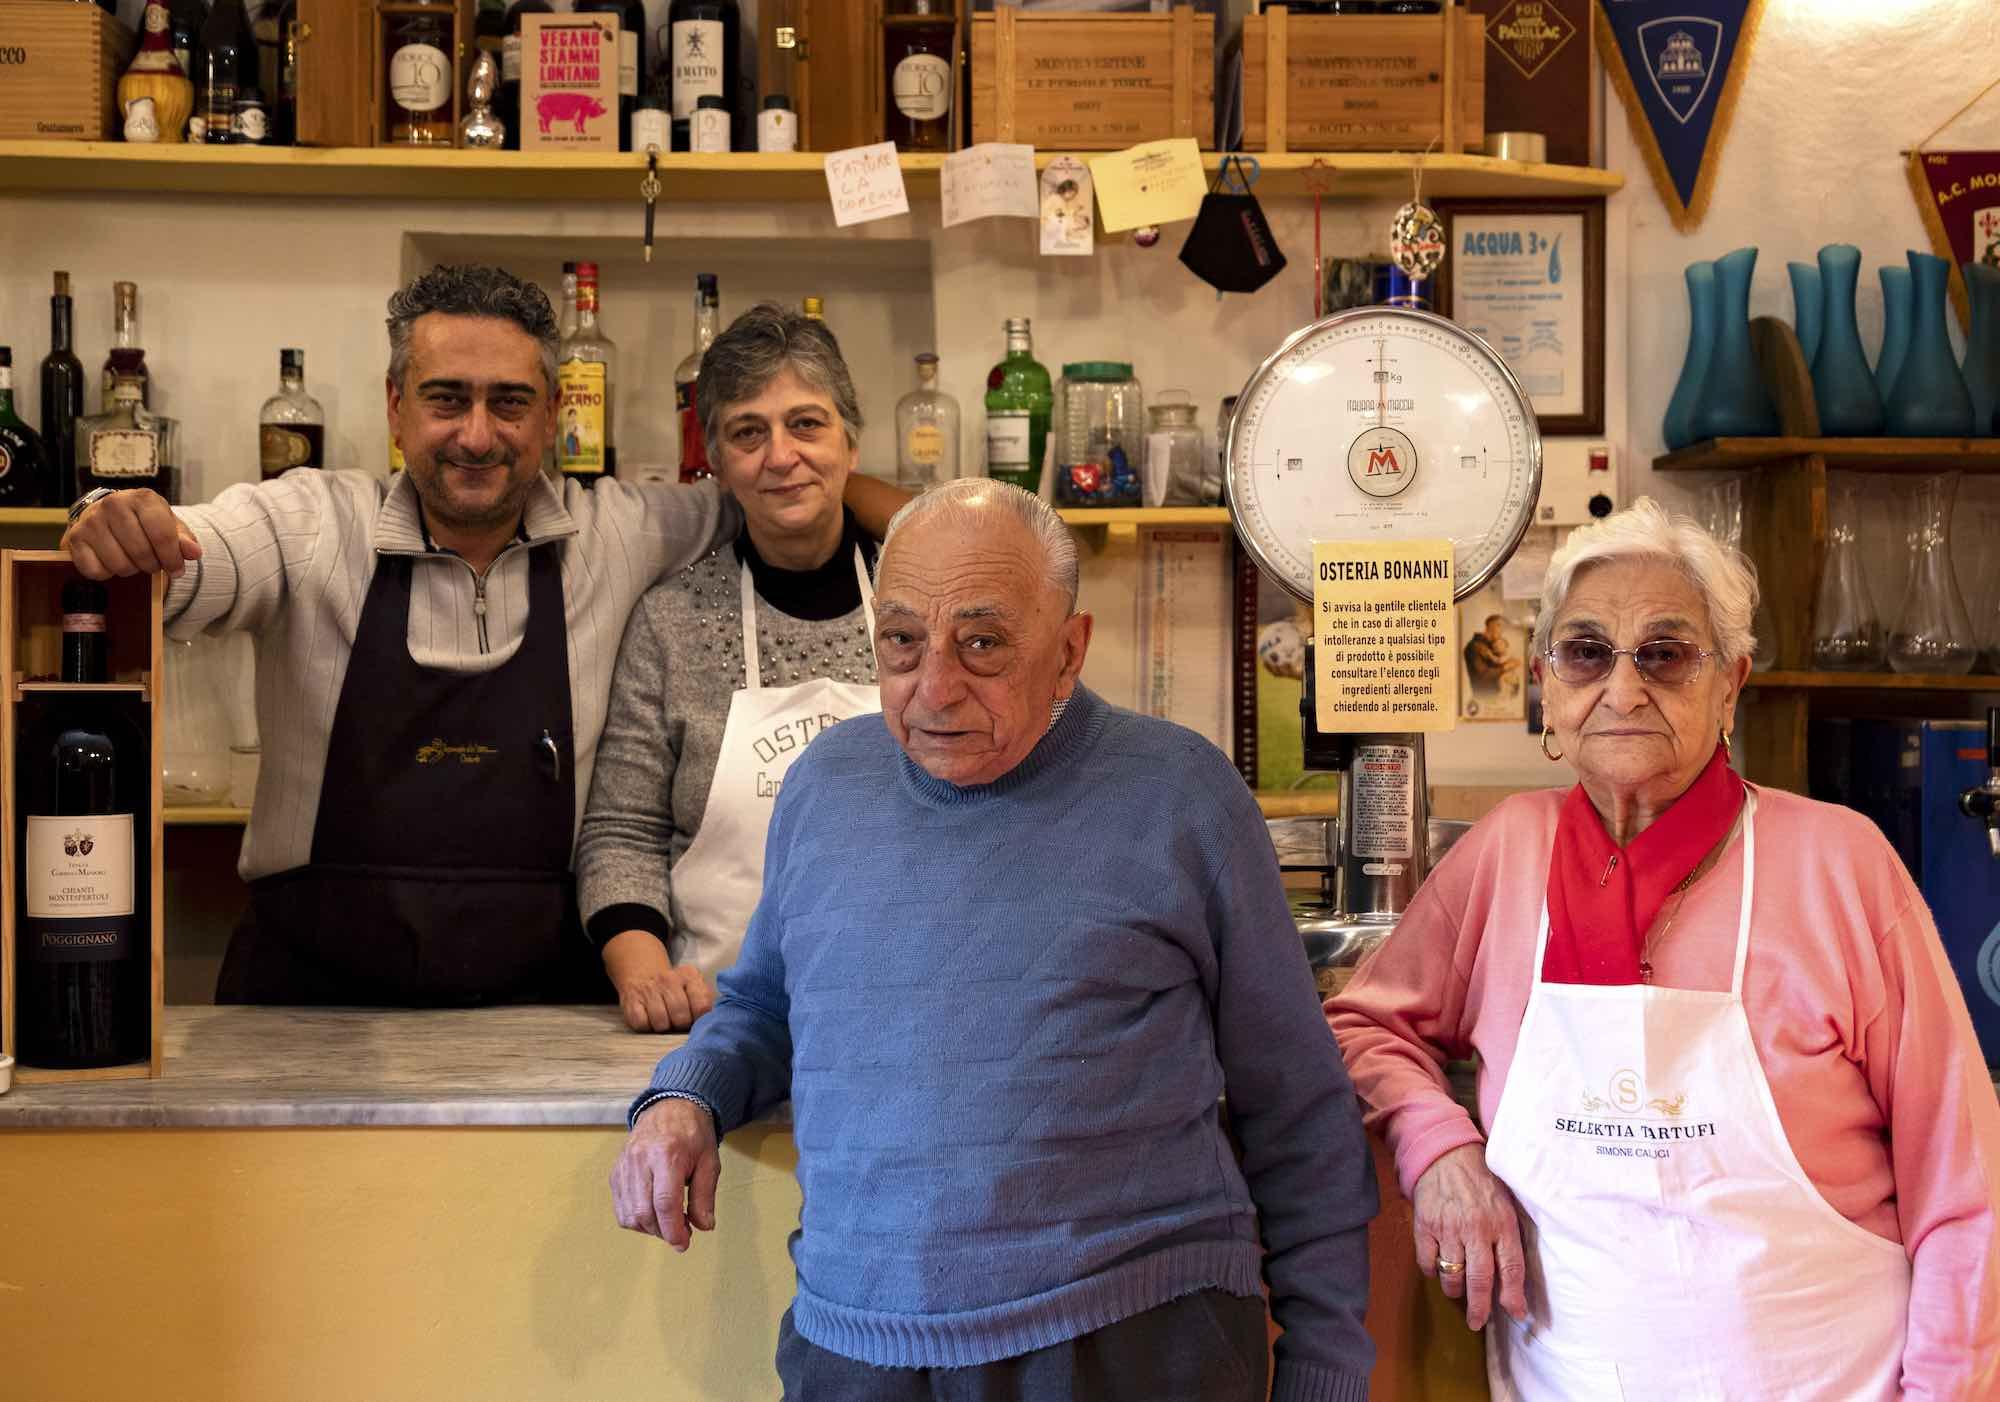 La famiglia Bonanni, titolare dell'Osteria di Capounto a Montelupo Fiorentino